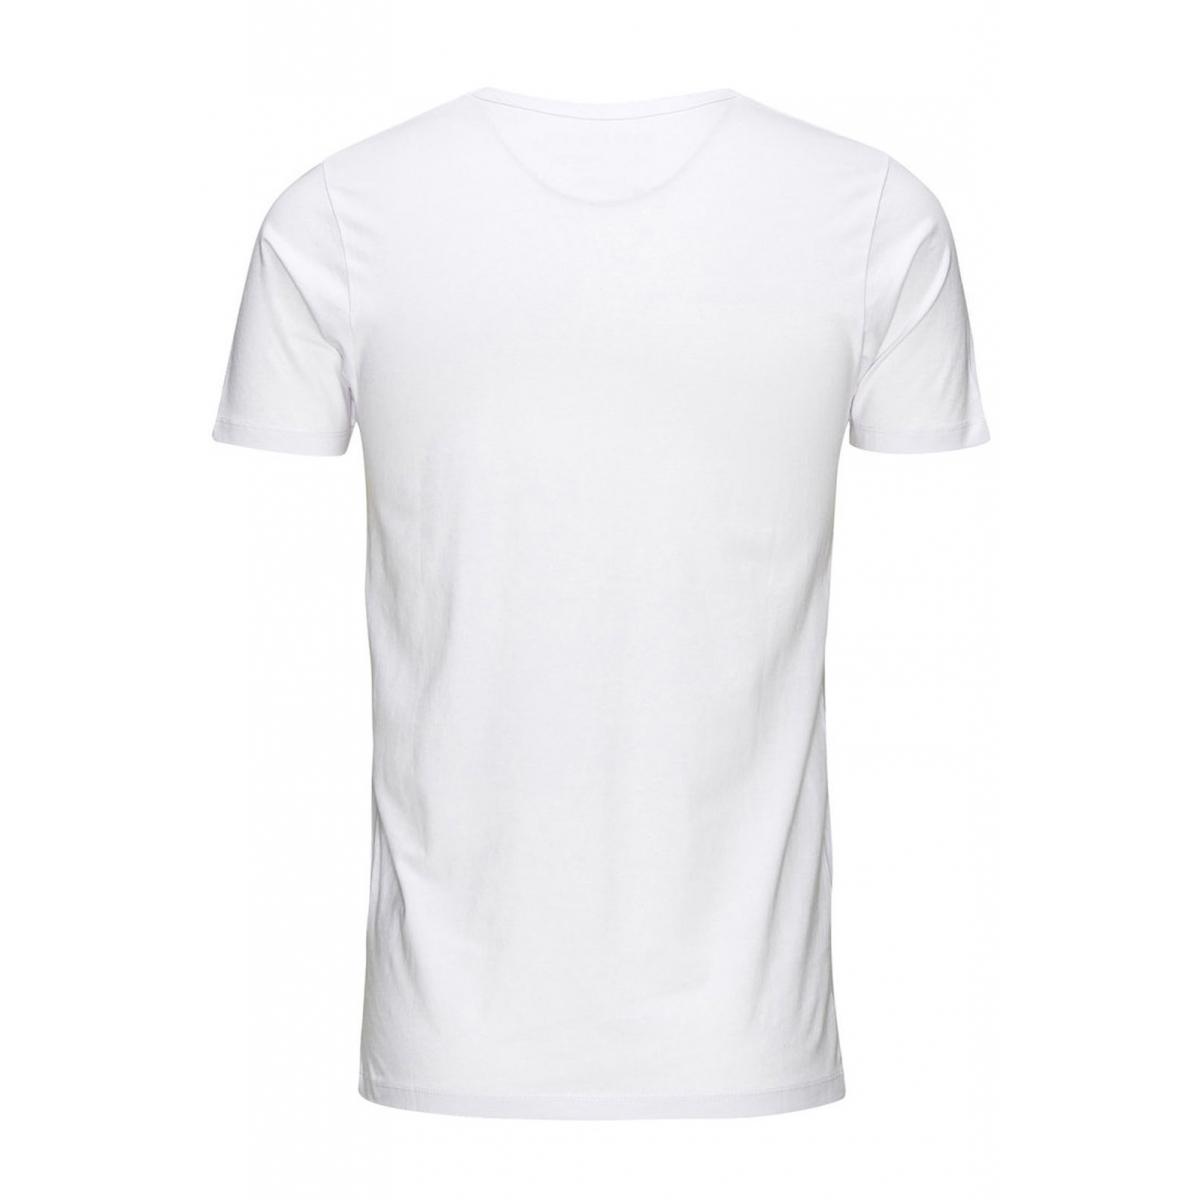 basic v-neck tee s/s noos 12059219 jack & jones t-shirt white